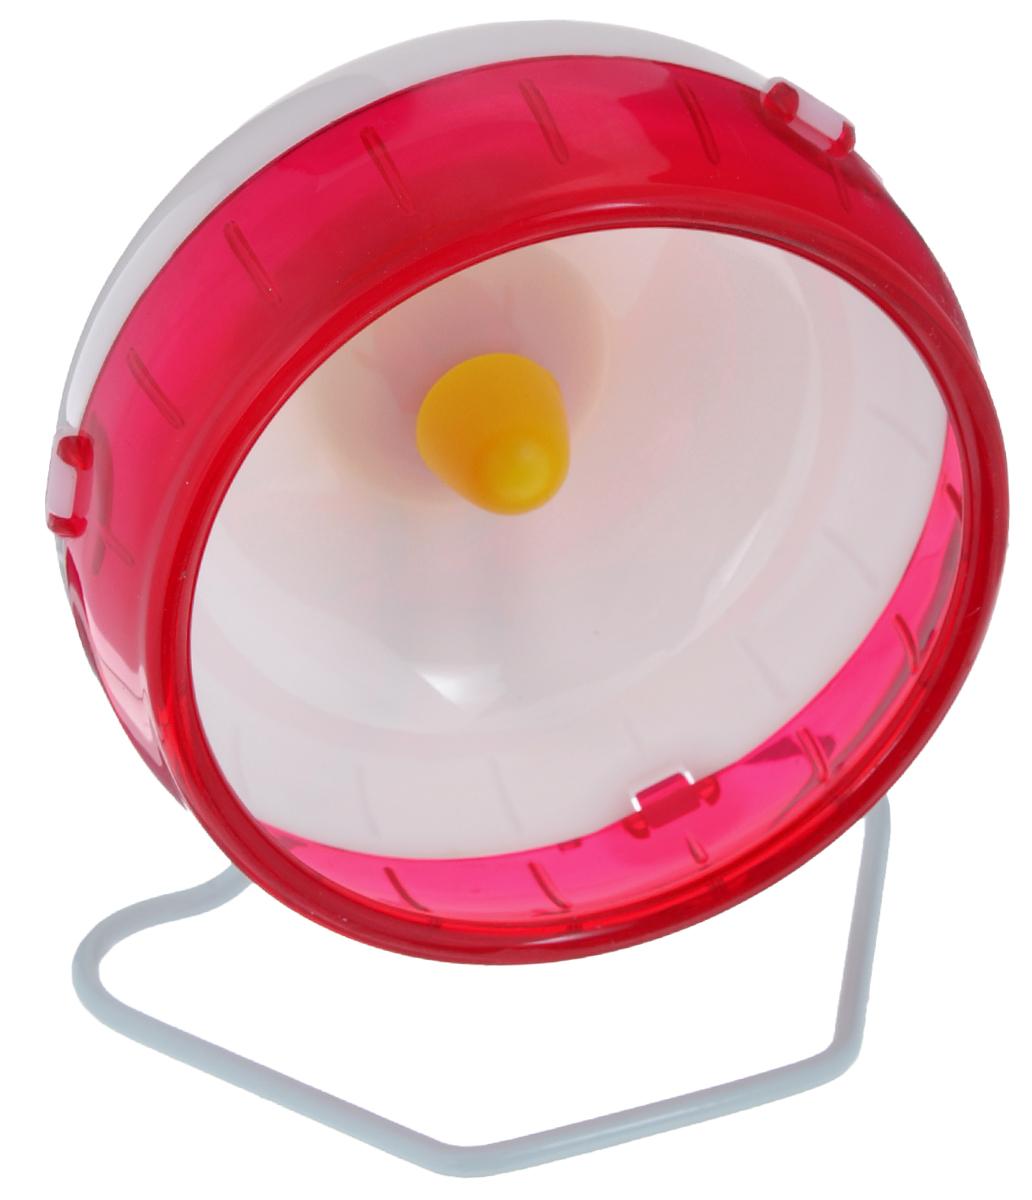 Колесо для грызунов I.P.T.S., цвет: белый, красный, диаметр 12 см25850/285150_красныйКолесо для грызунов I.P.T.S., выполненное из прочного пластик и металла, очень удобное и бесшумное, с высоким уровнем безопасности. Поместив его в клетку, вы обеспечите своему питомцу необходимую физическую активность. Сплошная внутренняя поверхность без щелей убережет хомячка от возможных травм. Можно установить на подставку или прикрепить к решетке. Предназначено для карликовых хомяков и мышей. Диаметр колеса: 12 см.